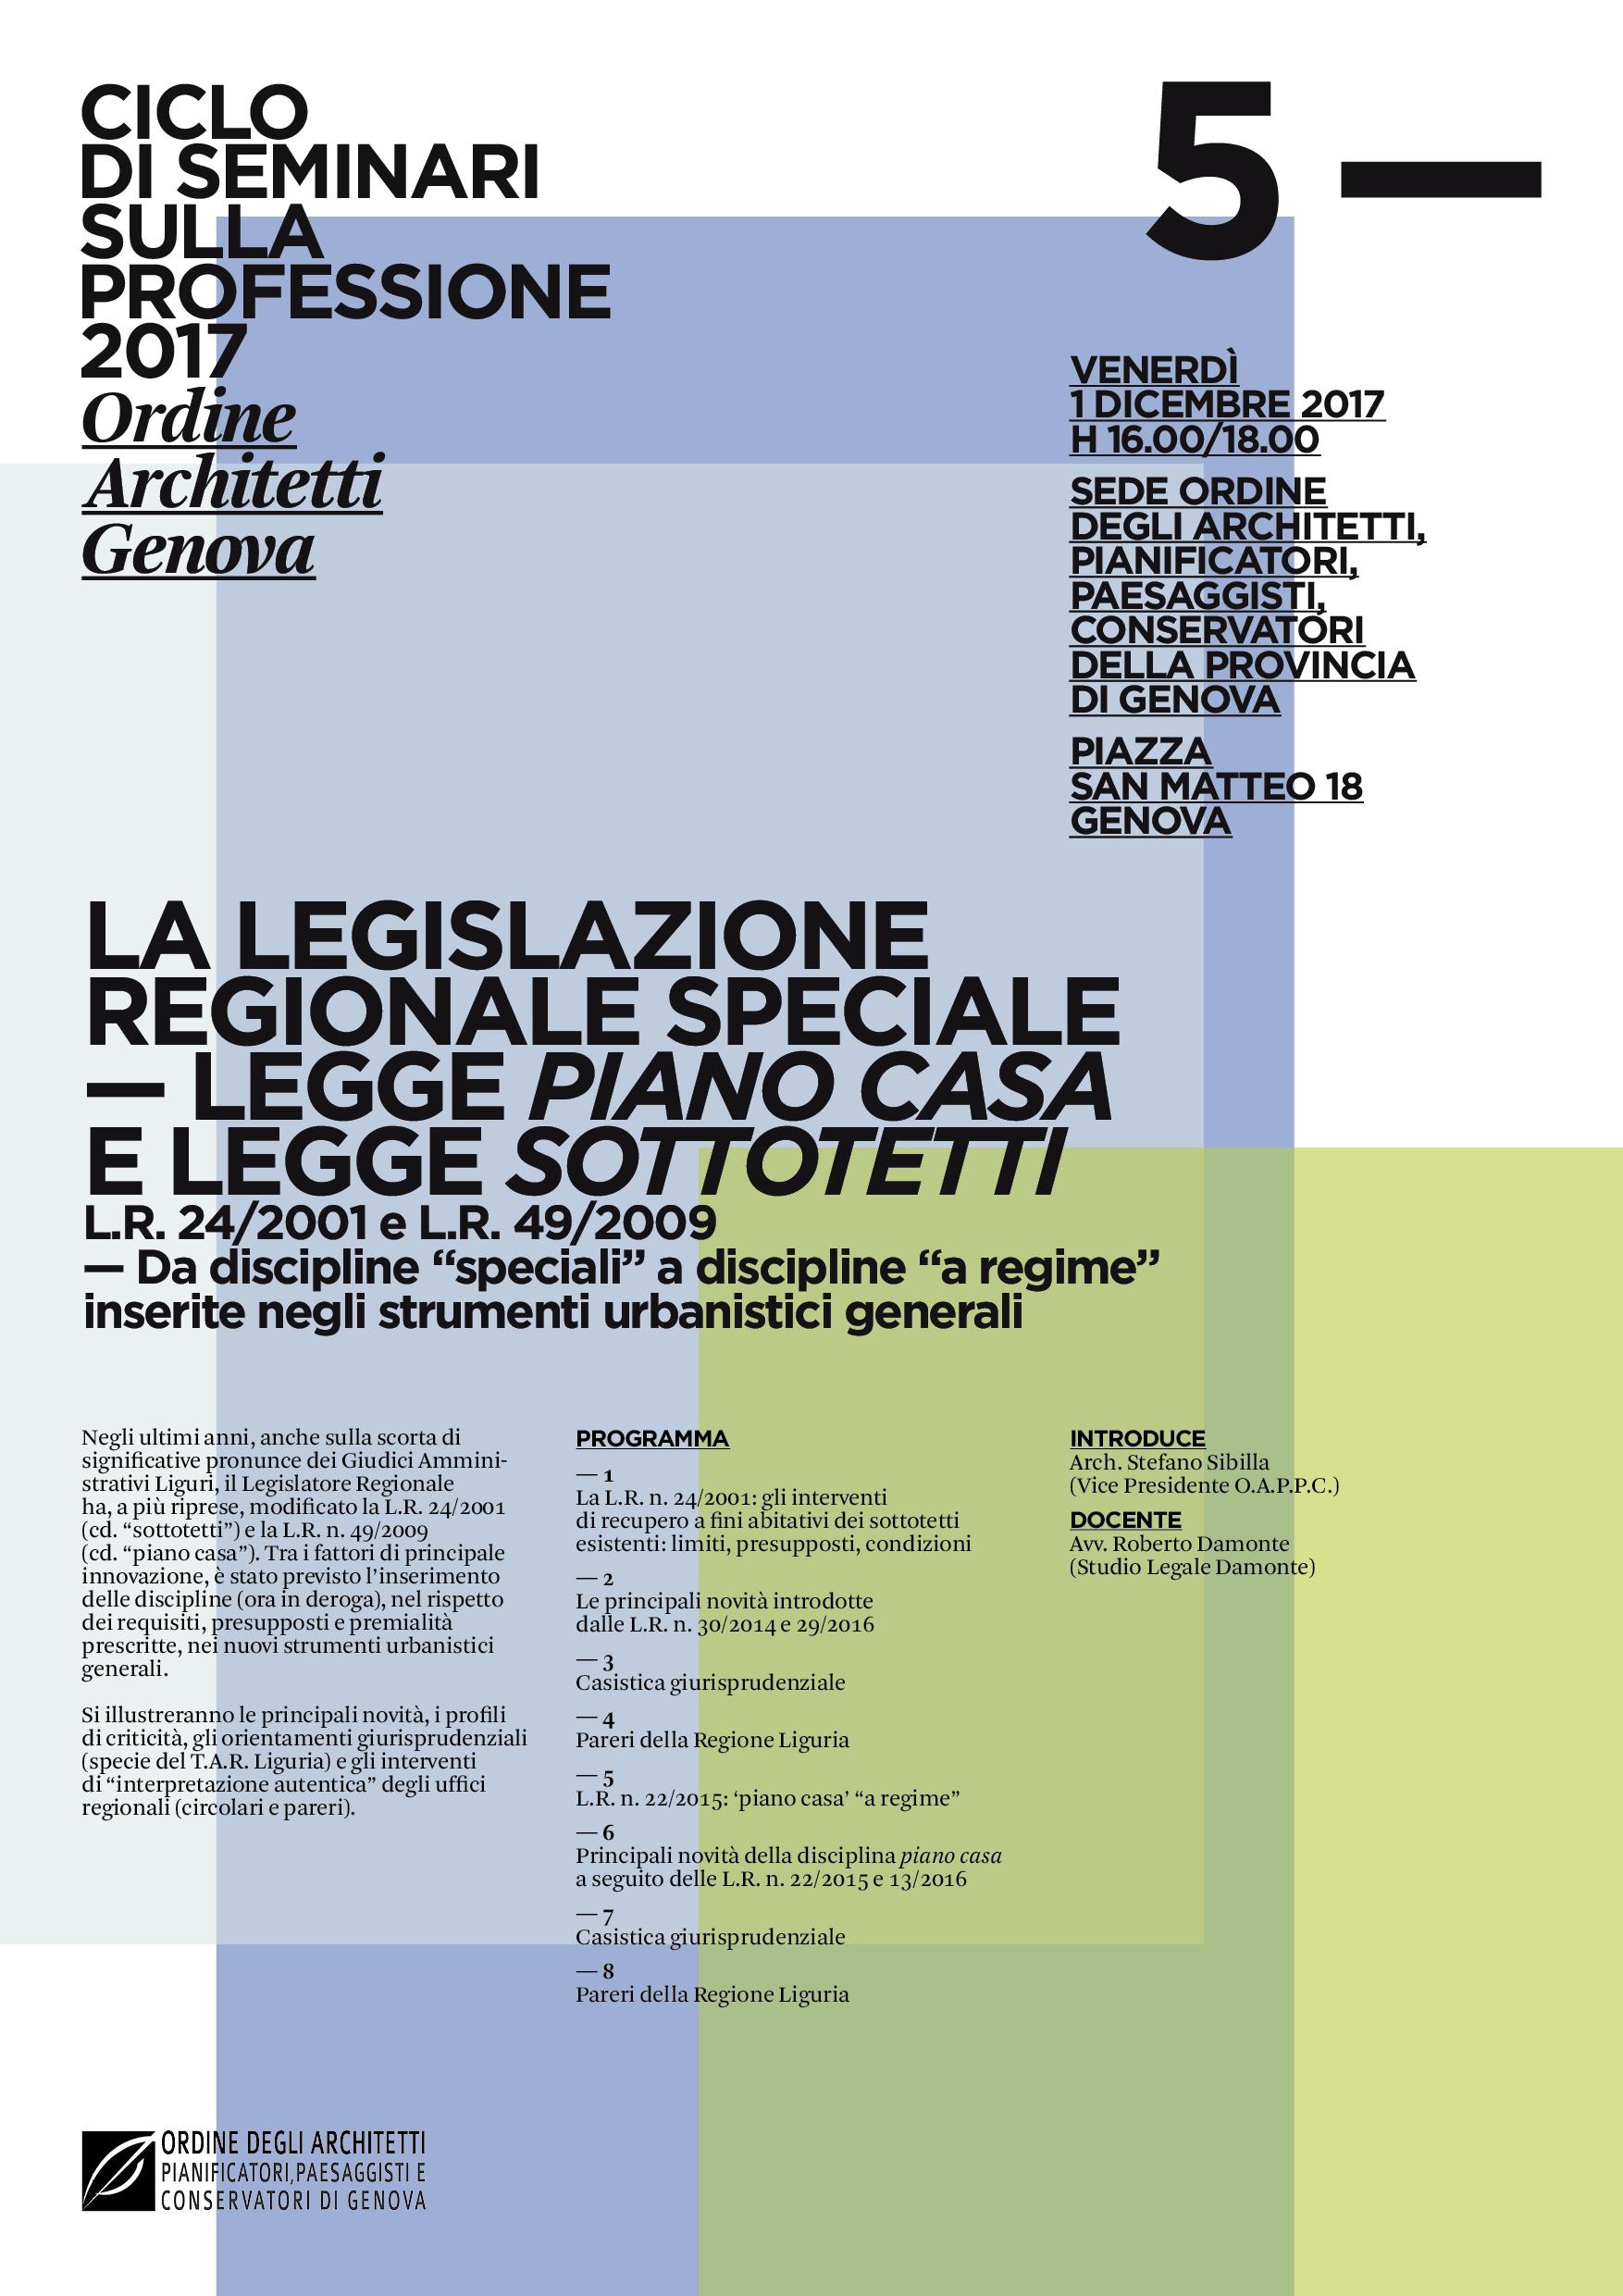 La legislazione regionale speciale legge piano casa e - Legge piano casa marche ...